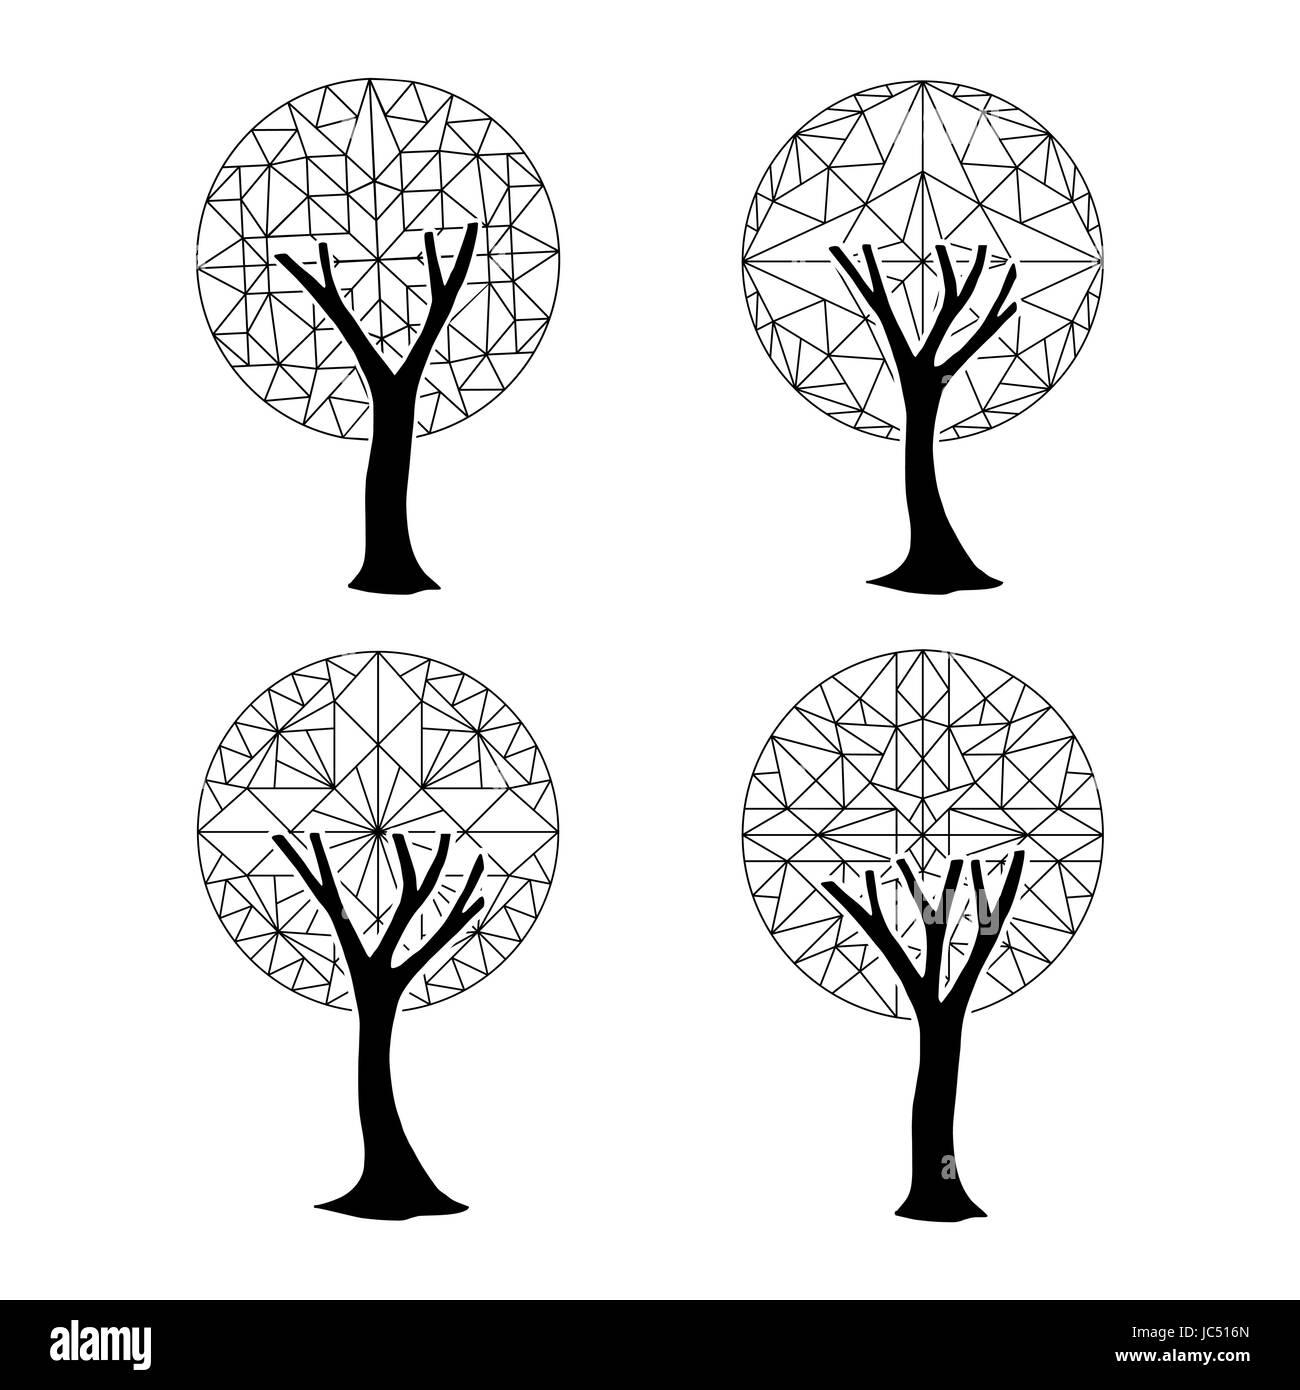 Conjunto De árboles Abstractos Con Formas Geométricas